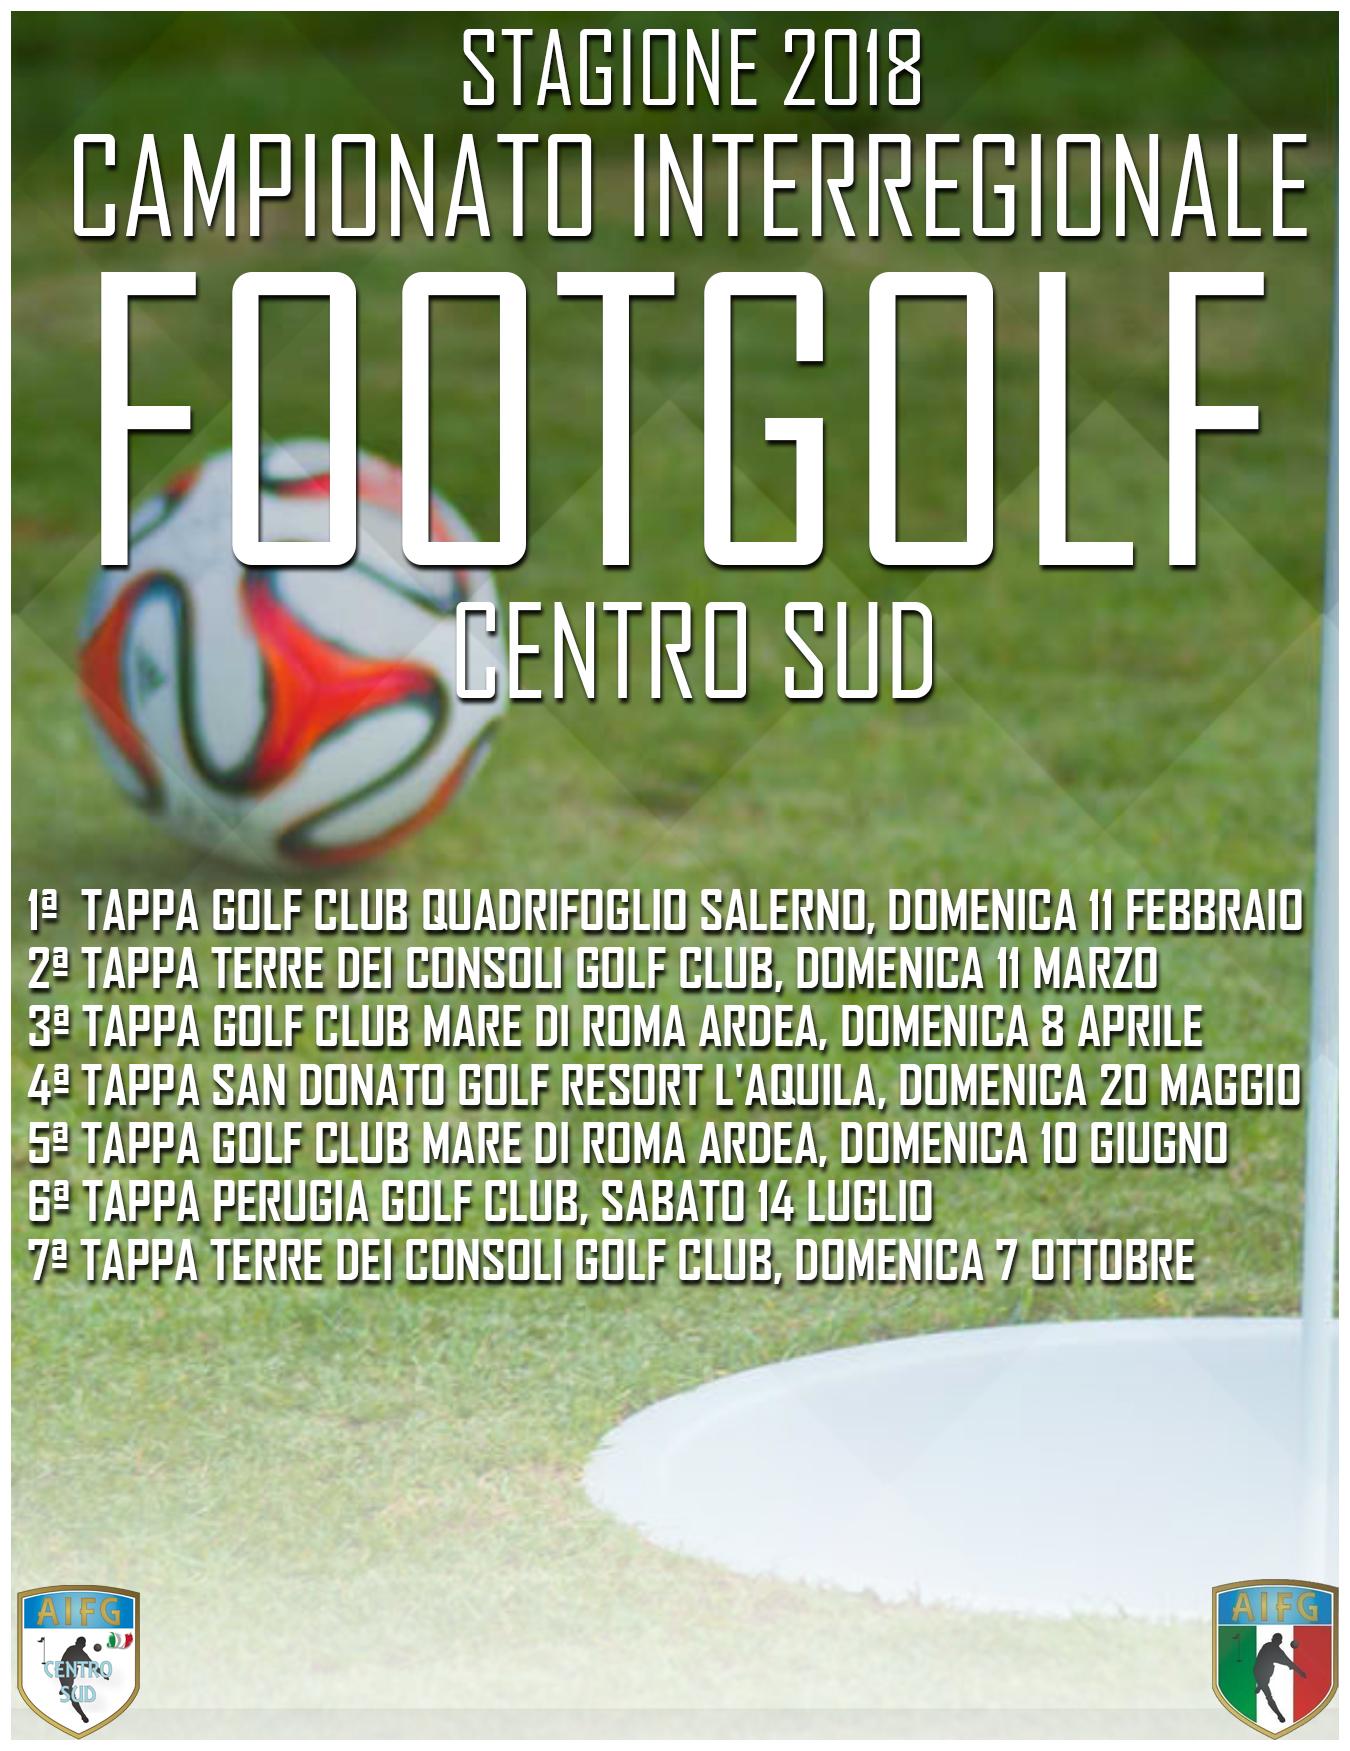 San Donato Calendario.Calendario S S Lazio Footgolf